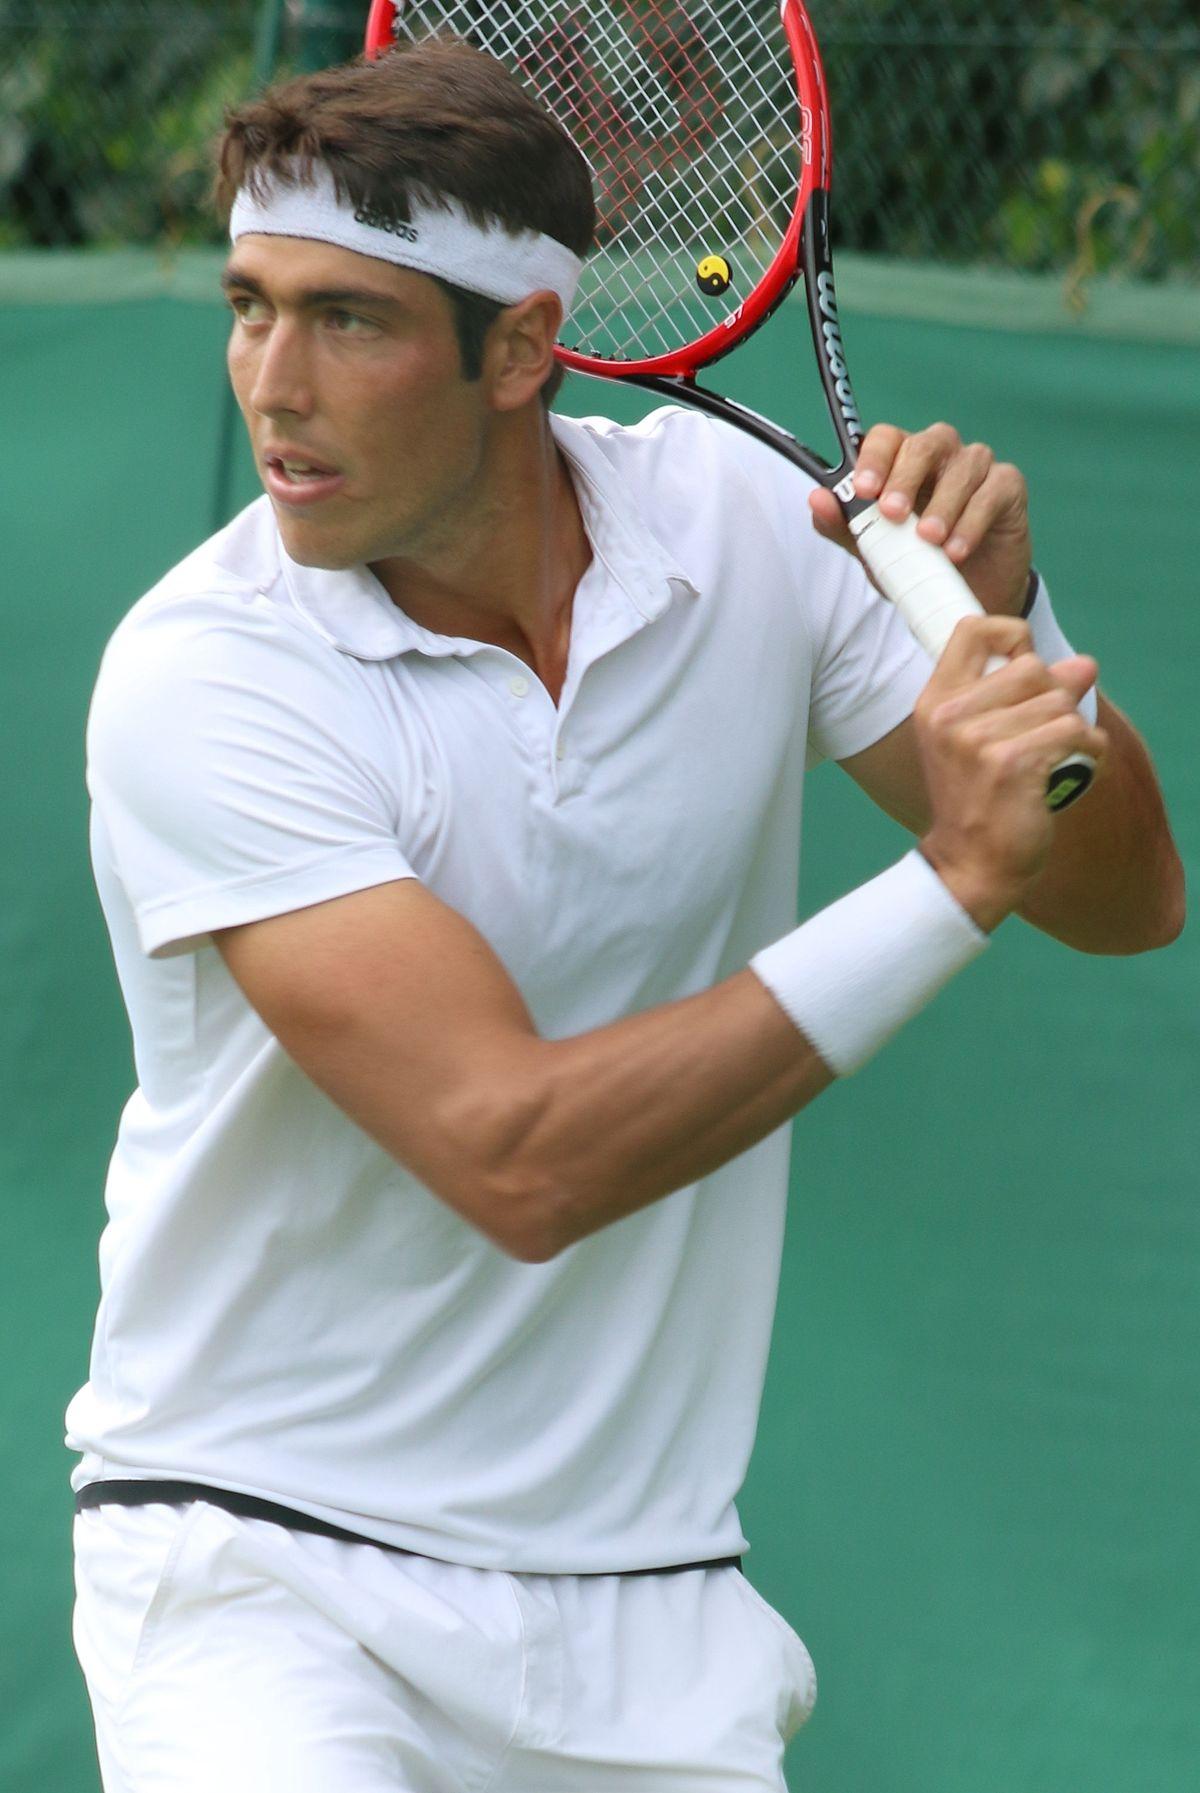 Tenista colombiano Struvay es semifinalista en Castelo Branco  | Nacional | Deportes | EL FRENTE